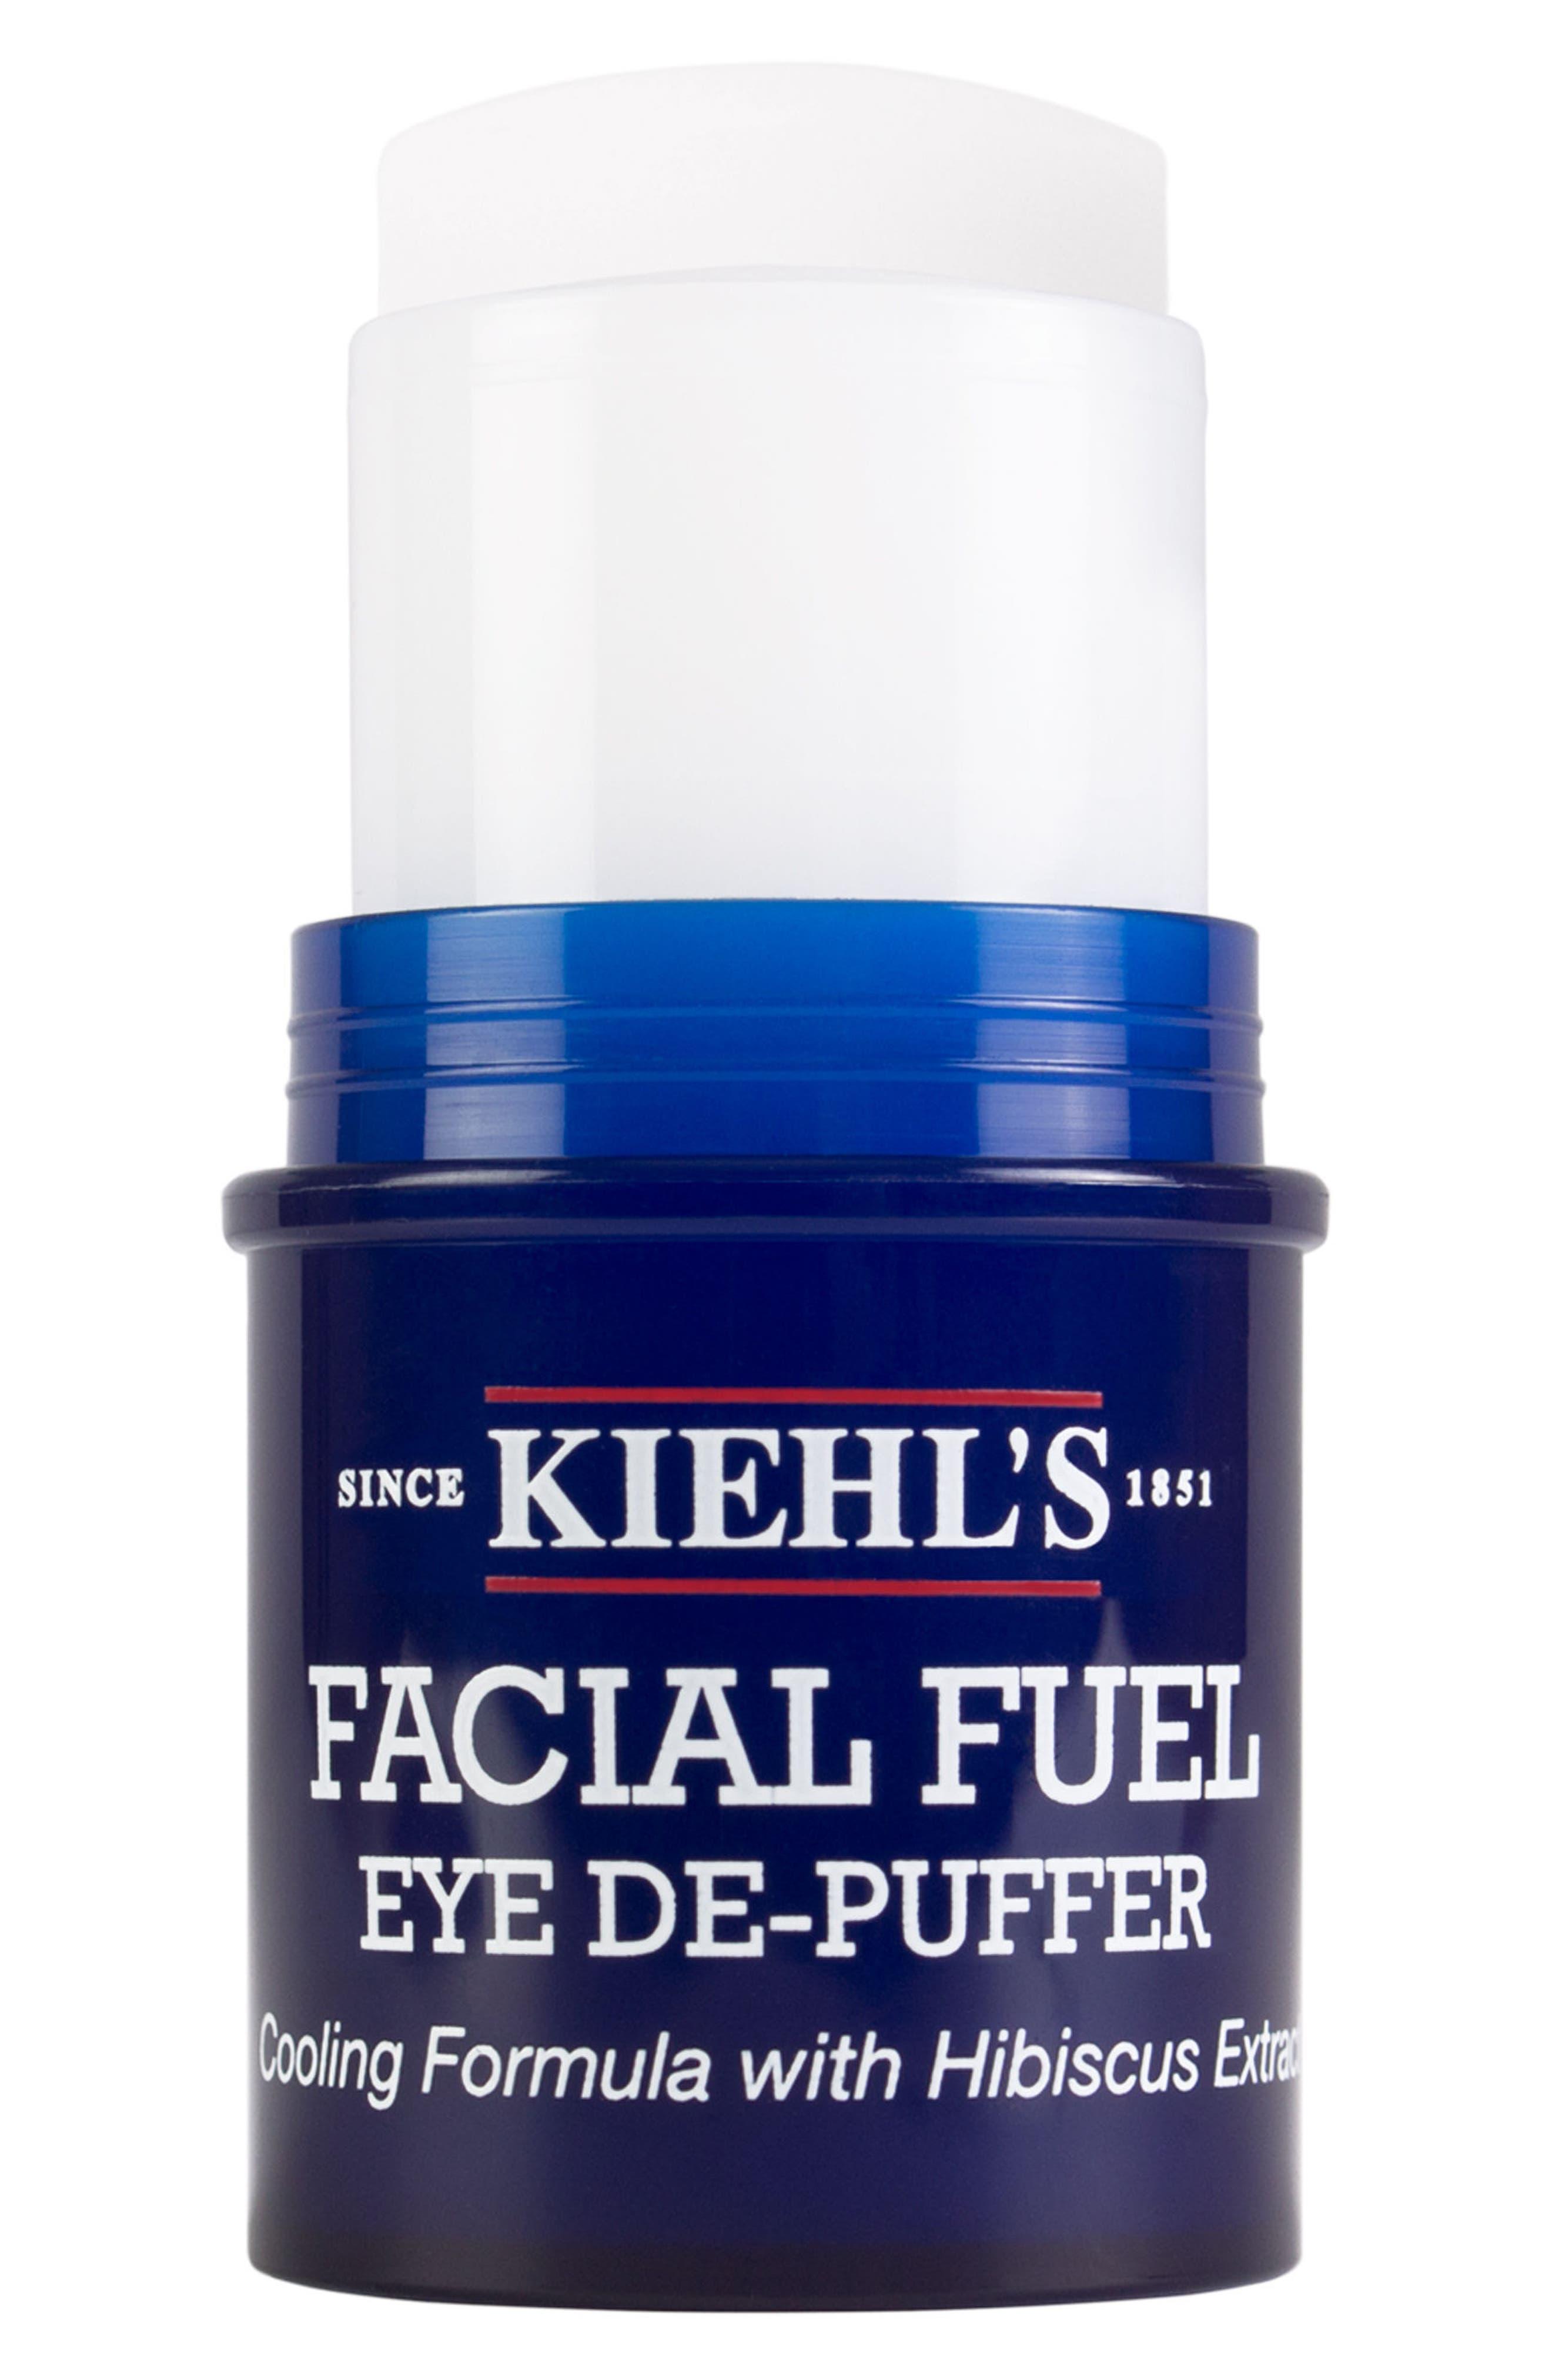 Facial Fuel Eye De-Puffer,                             Main thumbnail 1, color,                             NO COLOR